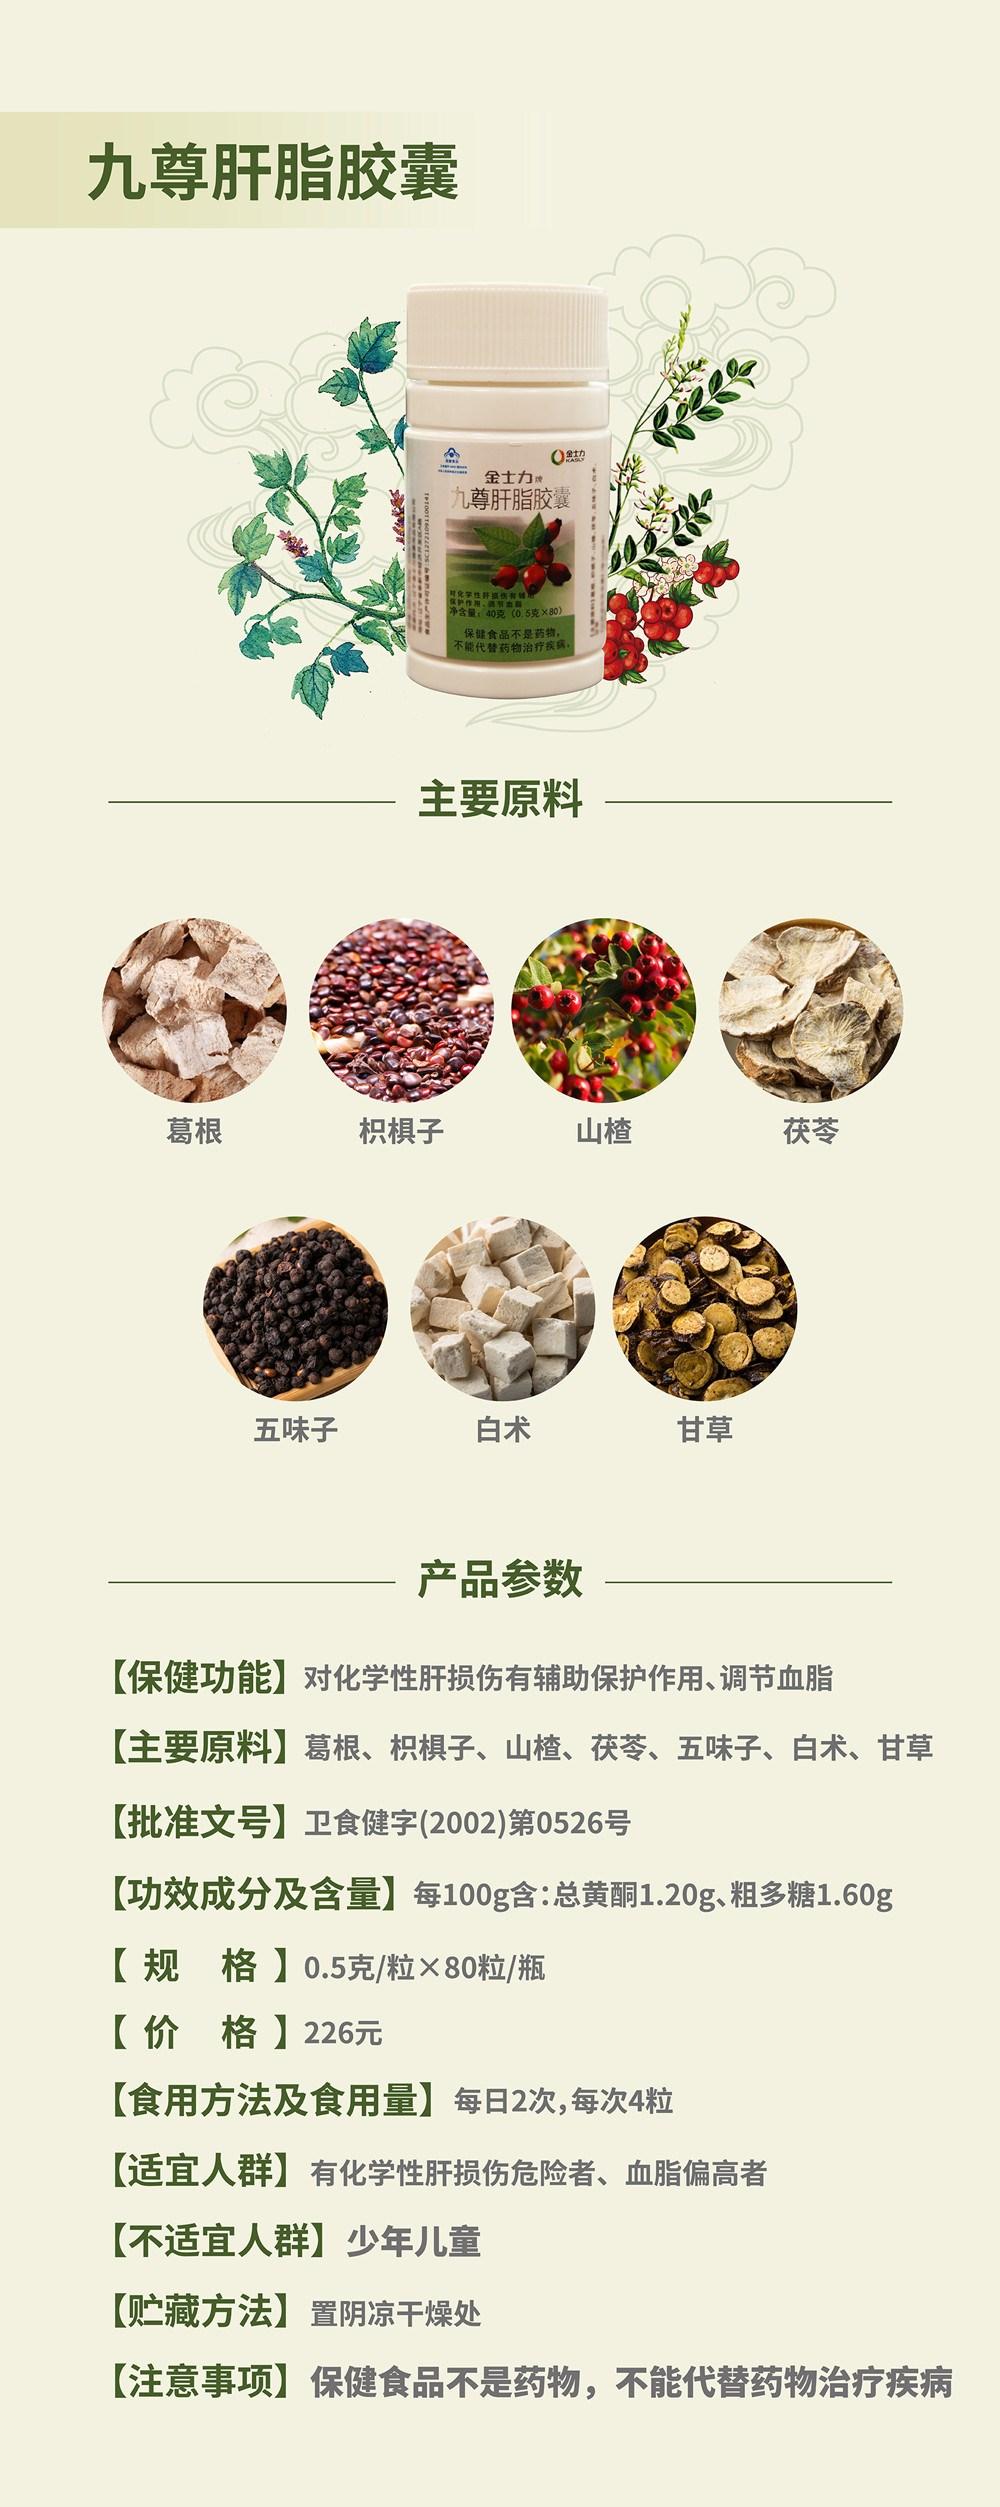 九尊肝脂胶囊20200728-加生产标准-01.jpg